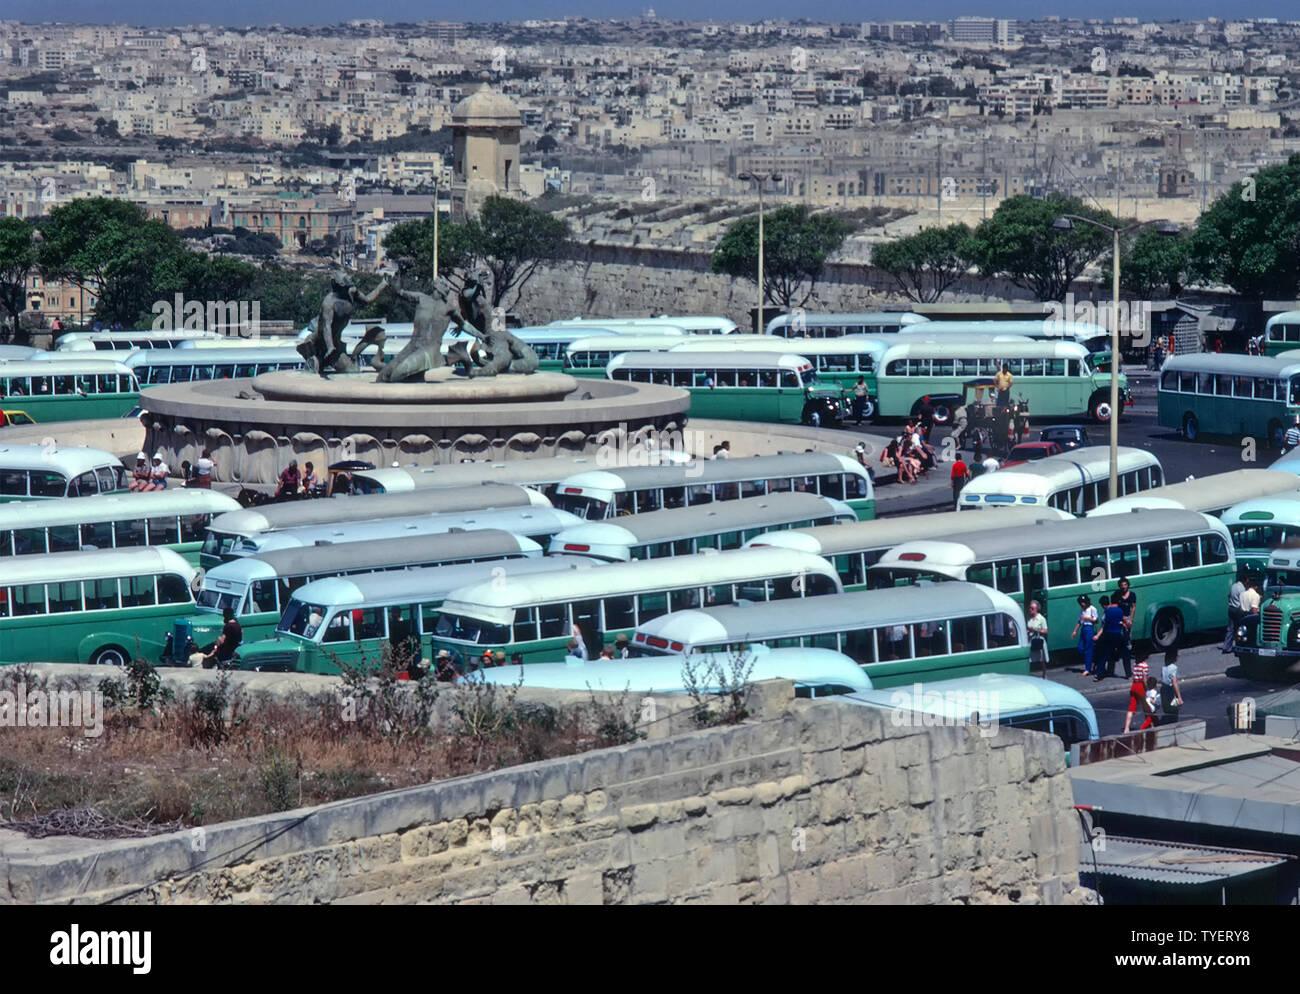 Imagen de archivo histórico estación principal de autobuses de la Valeta autobuses pintados de verde 1975 - 1995 estacionada alrededor muy alterados tres tritones estatuas de bronce de Malta Imagen De Stock